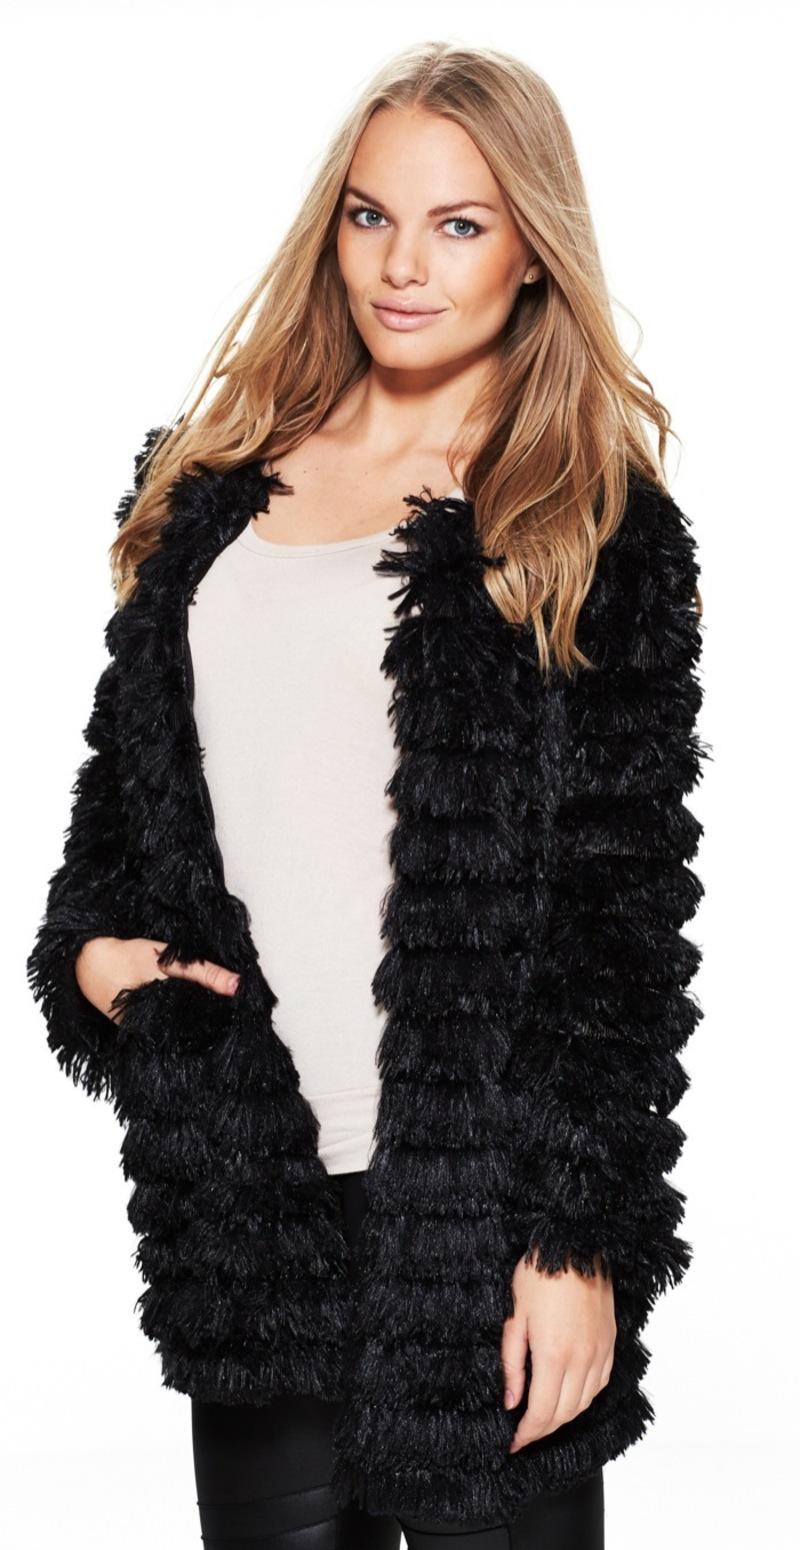 kunstig pels frakke